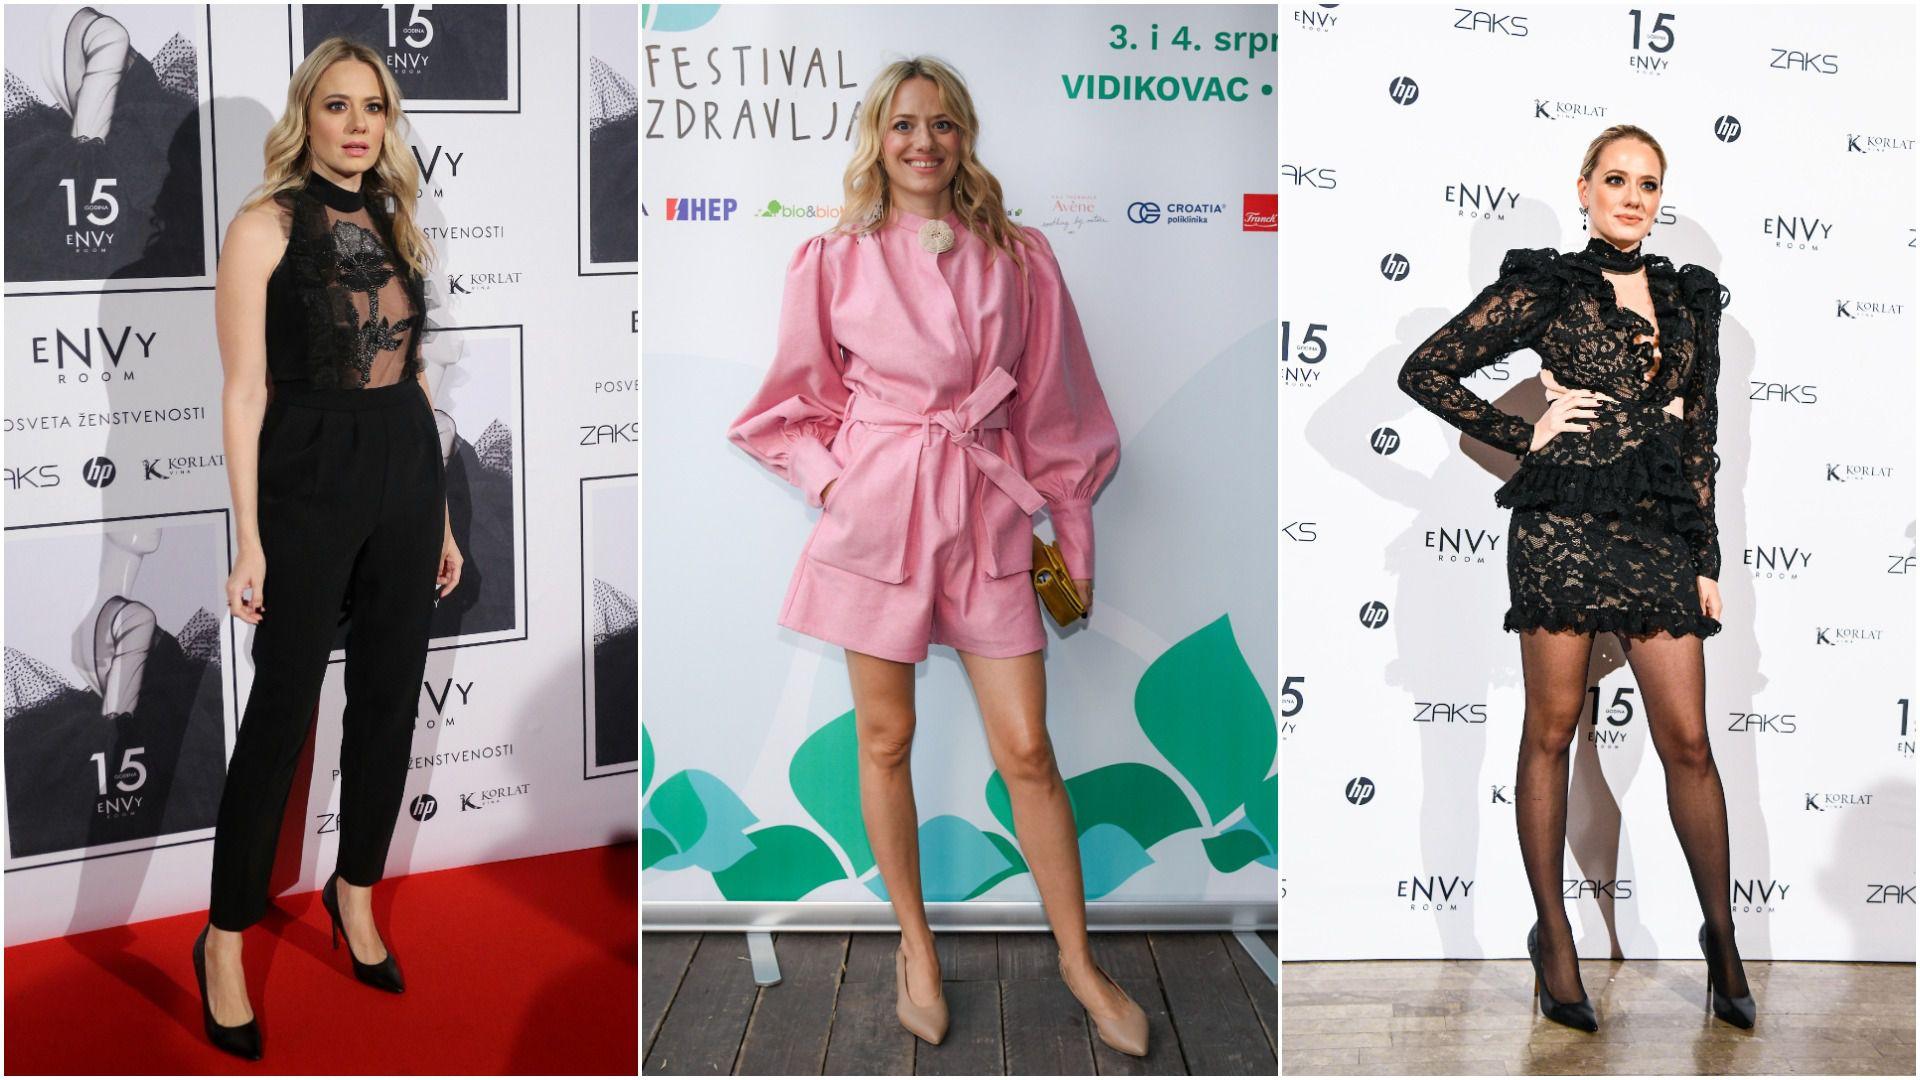 Jelena Veljača uvijek je besprijekorno odjevena; modna savjetnica prokomentirala je njezin stil